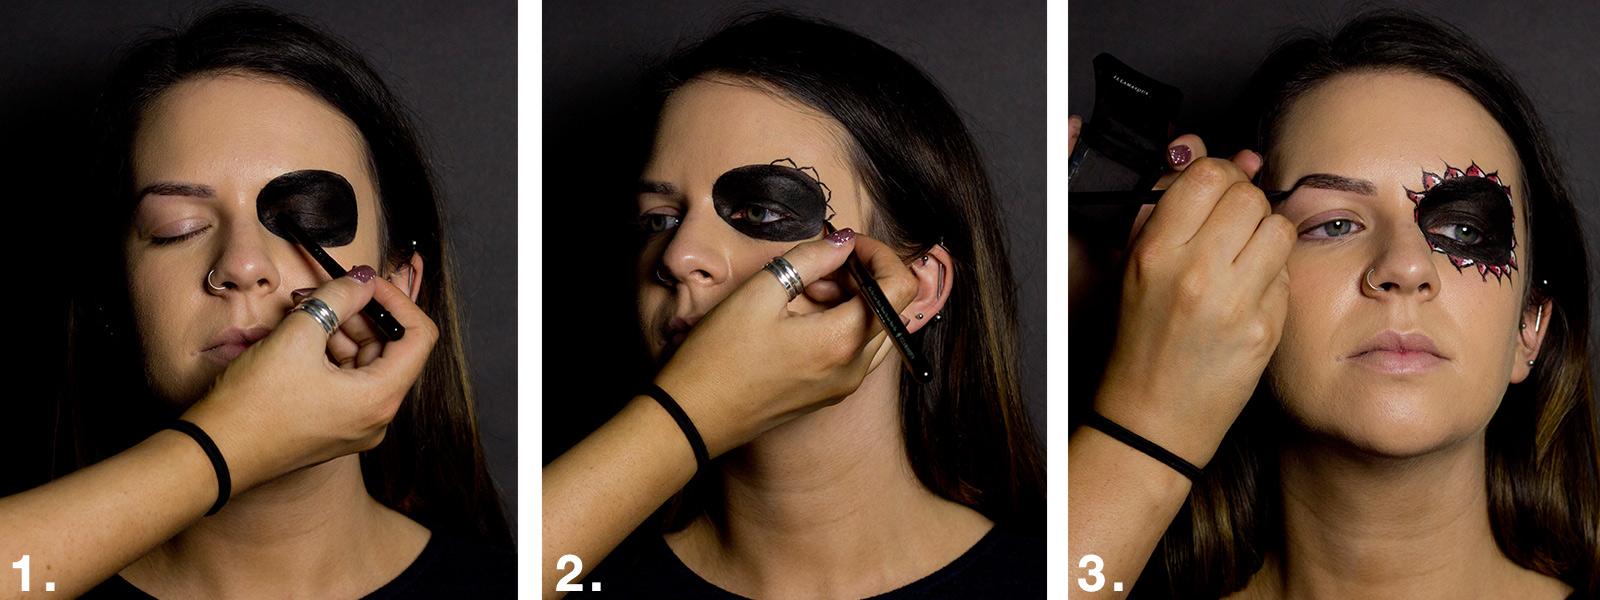 skull-steps-1-2-3